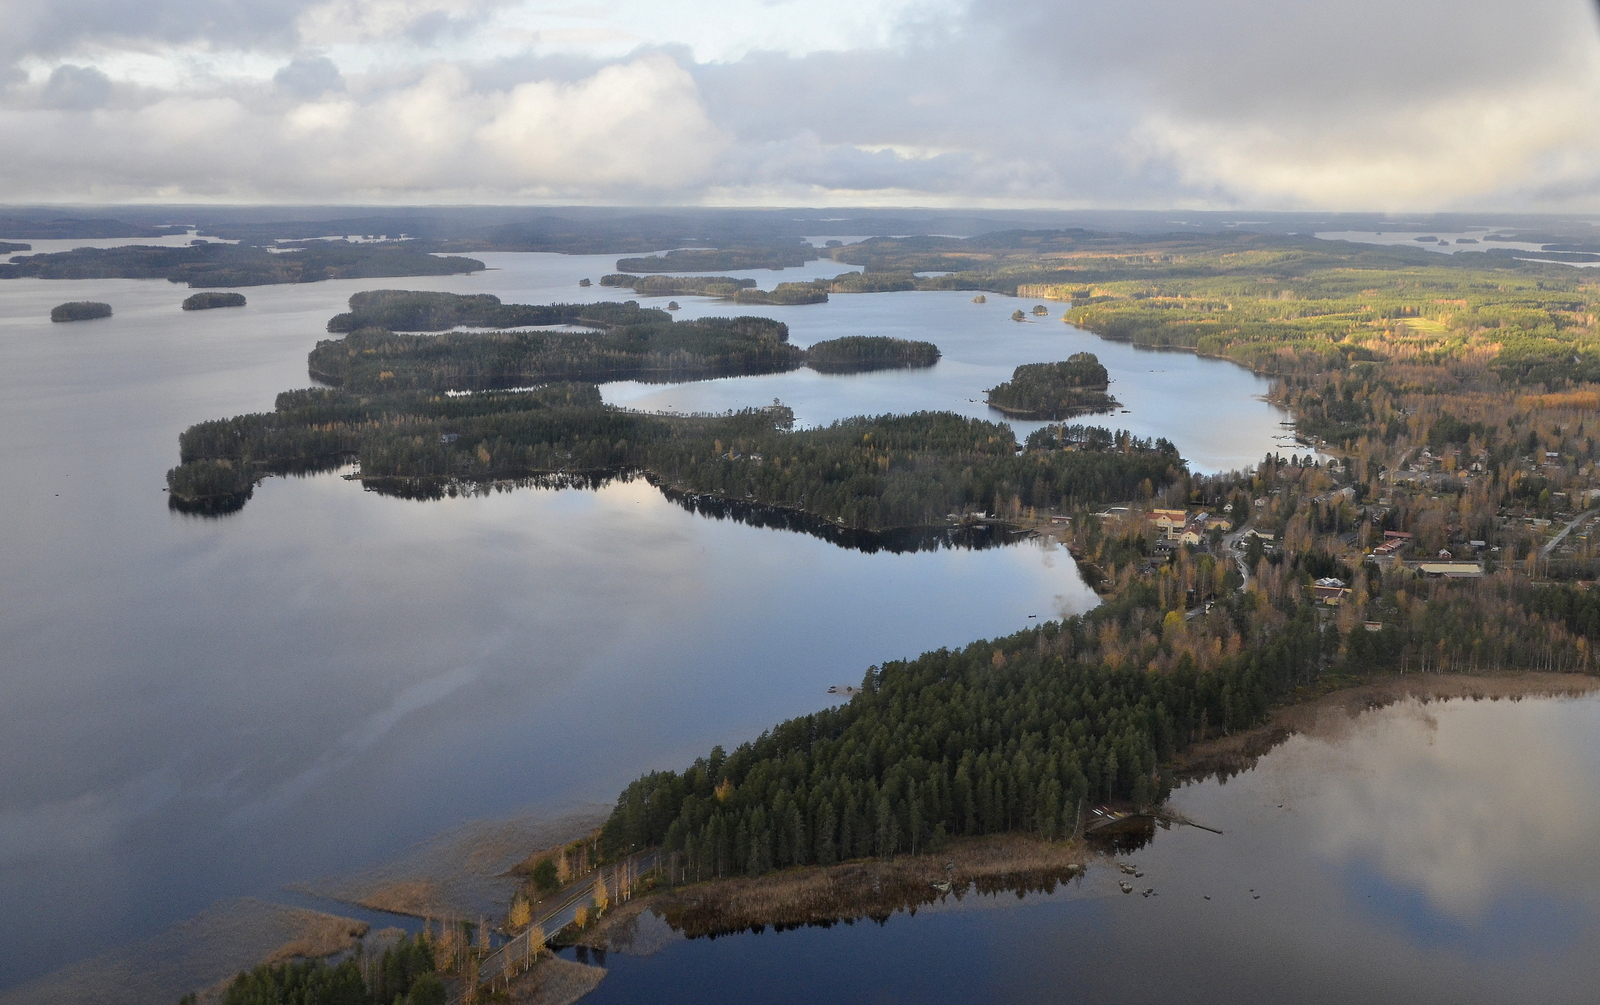 Saavun Sumiaisten kirkonkylälle. Vasemmalla Keitelejärvi ja oikealla Sumiaisjärvi. Kannaksessa suomen lyhin joki, Kuokanjoki.